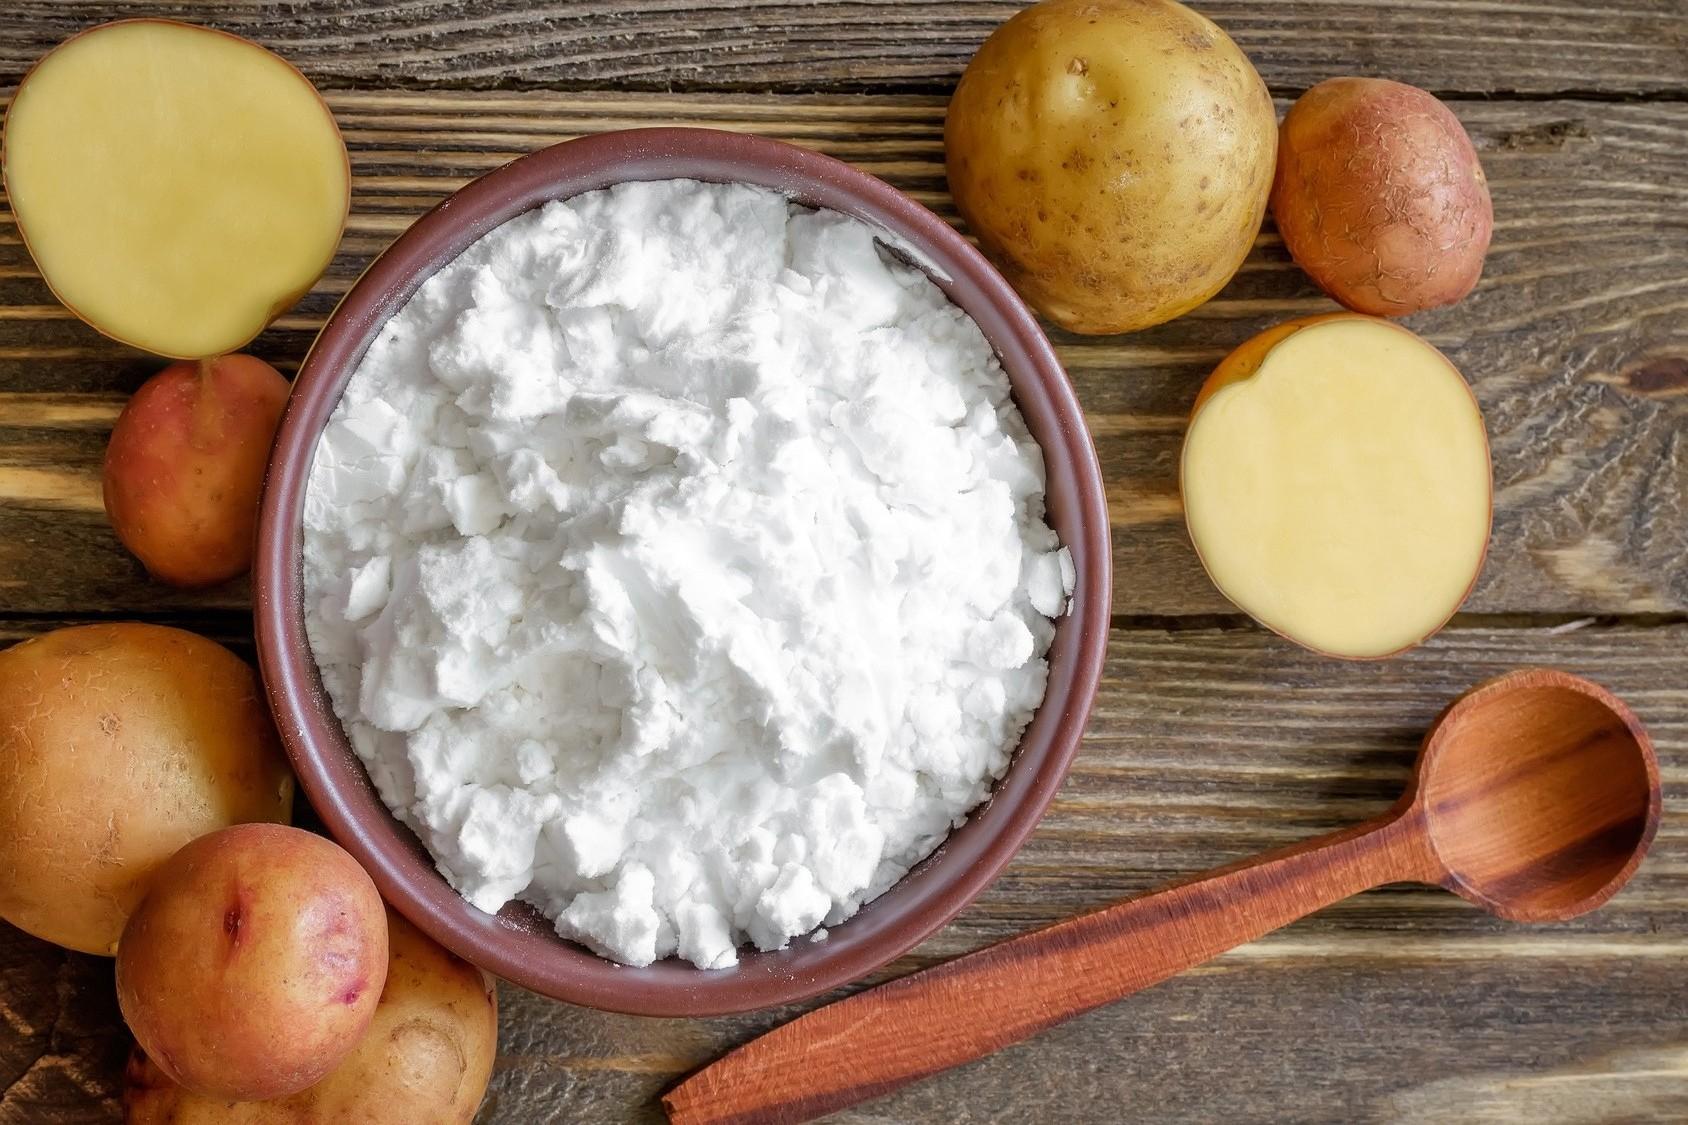 Bạn đã biết công dụng của bột khoai tây trong nấu ăn?